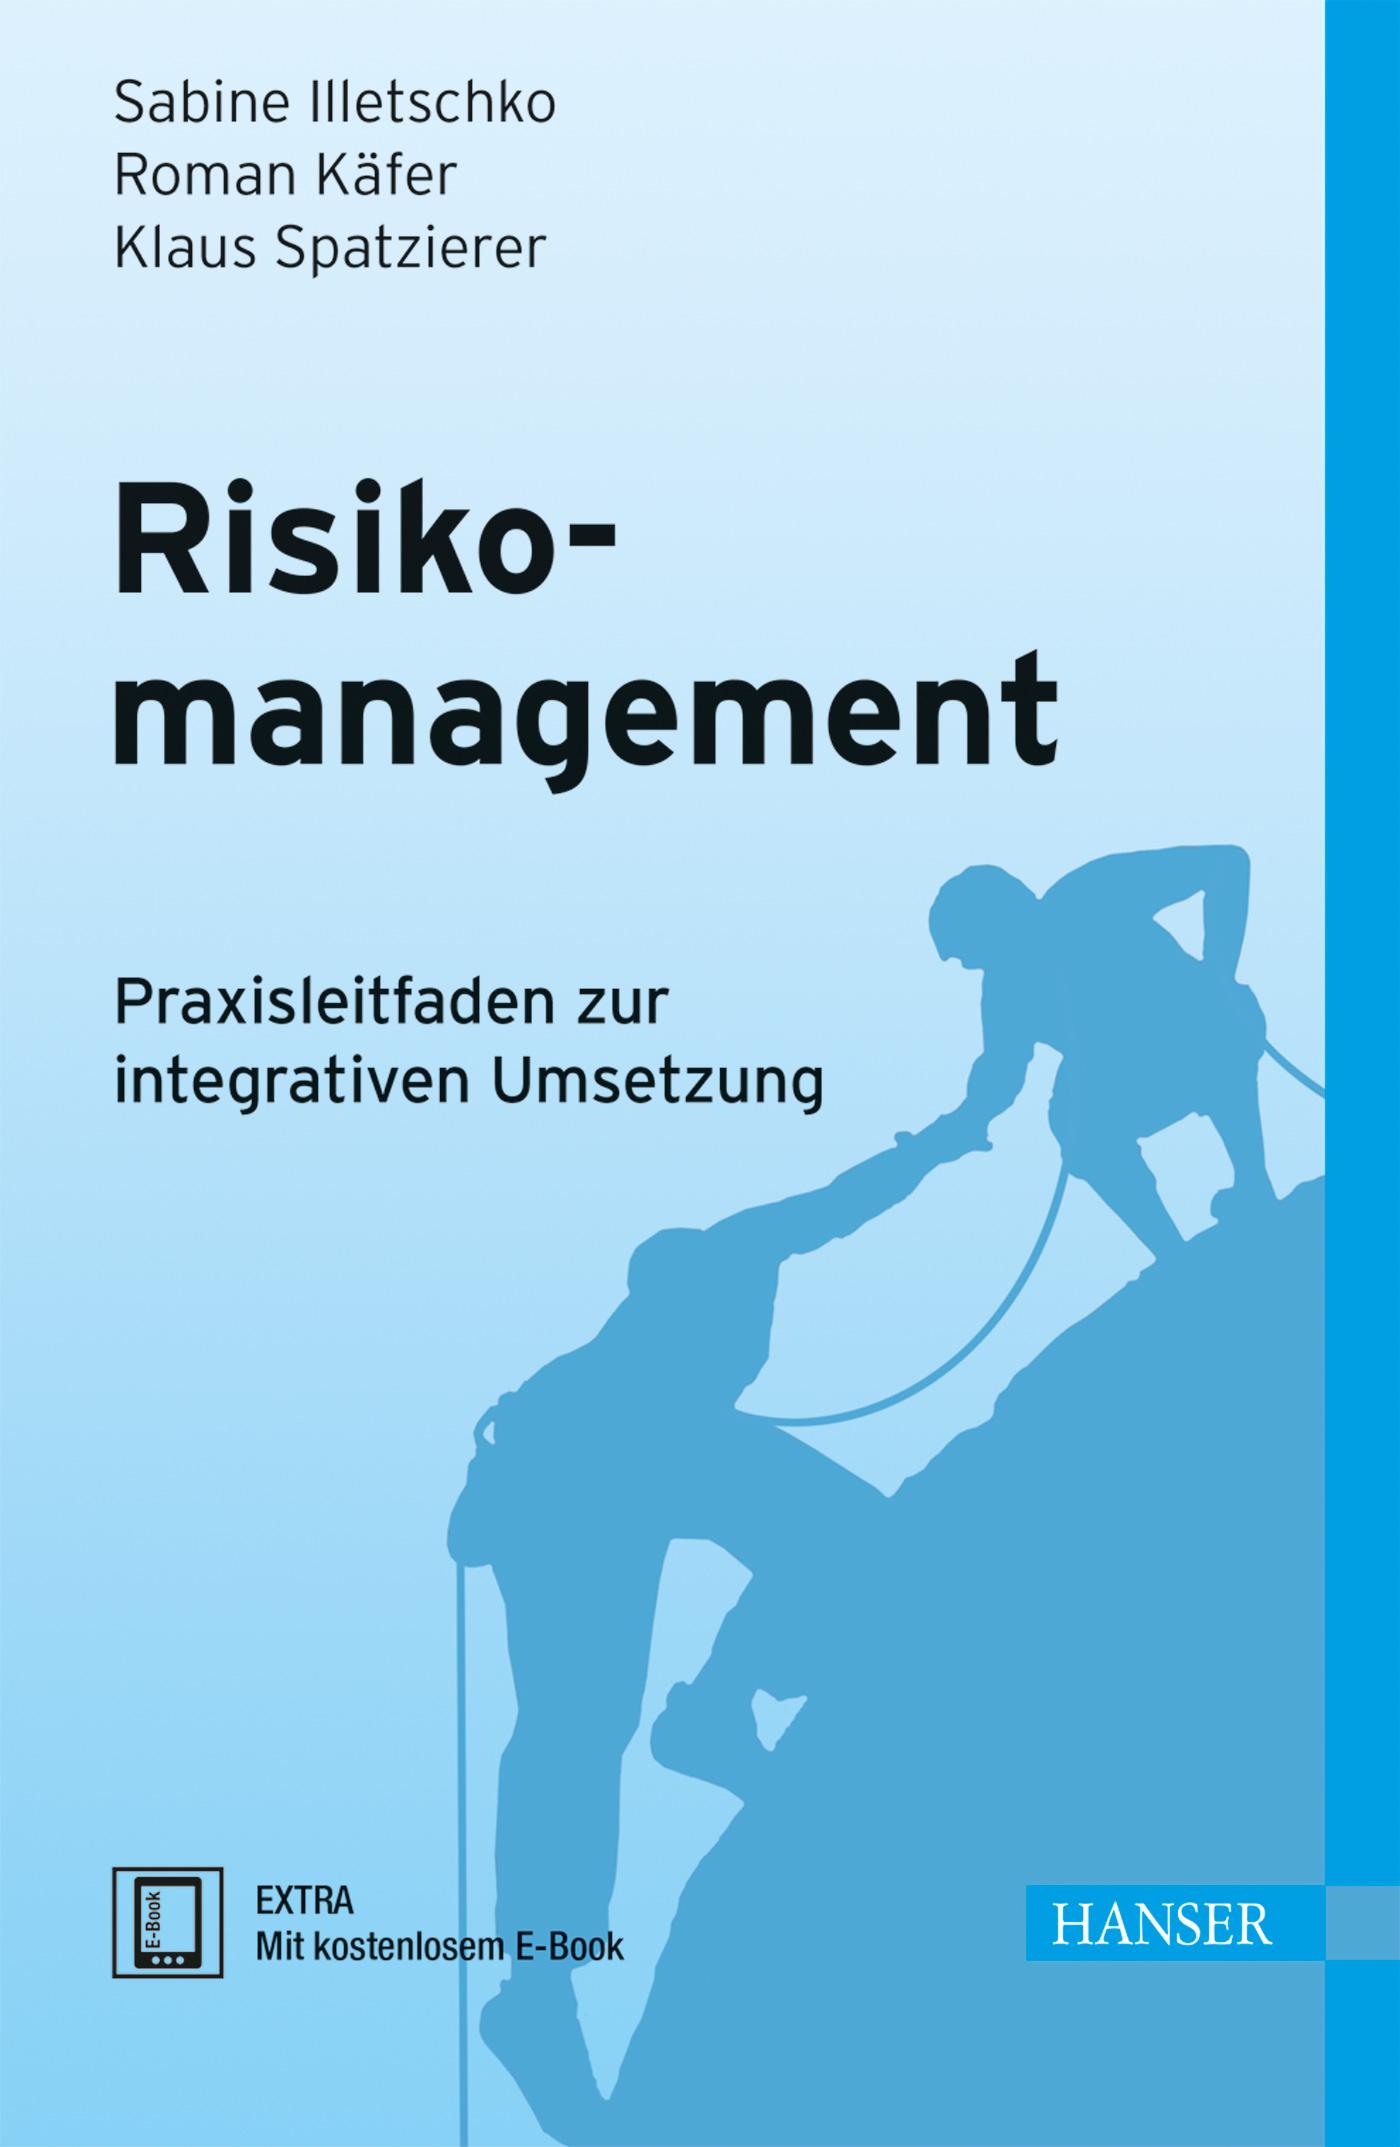 Illetschko, Käfer, Spatzierer, Risikomanagement, 978-3-446-43859-0